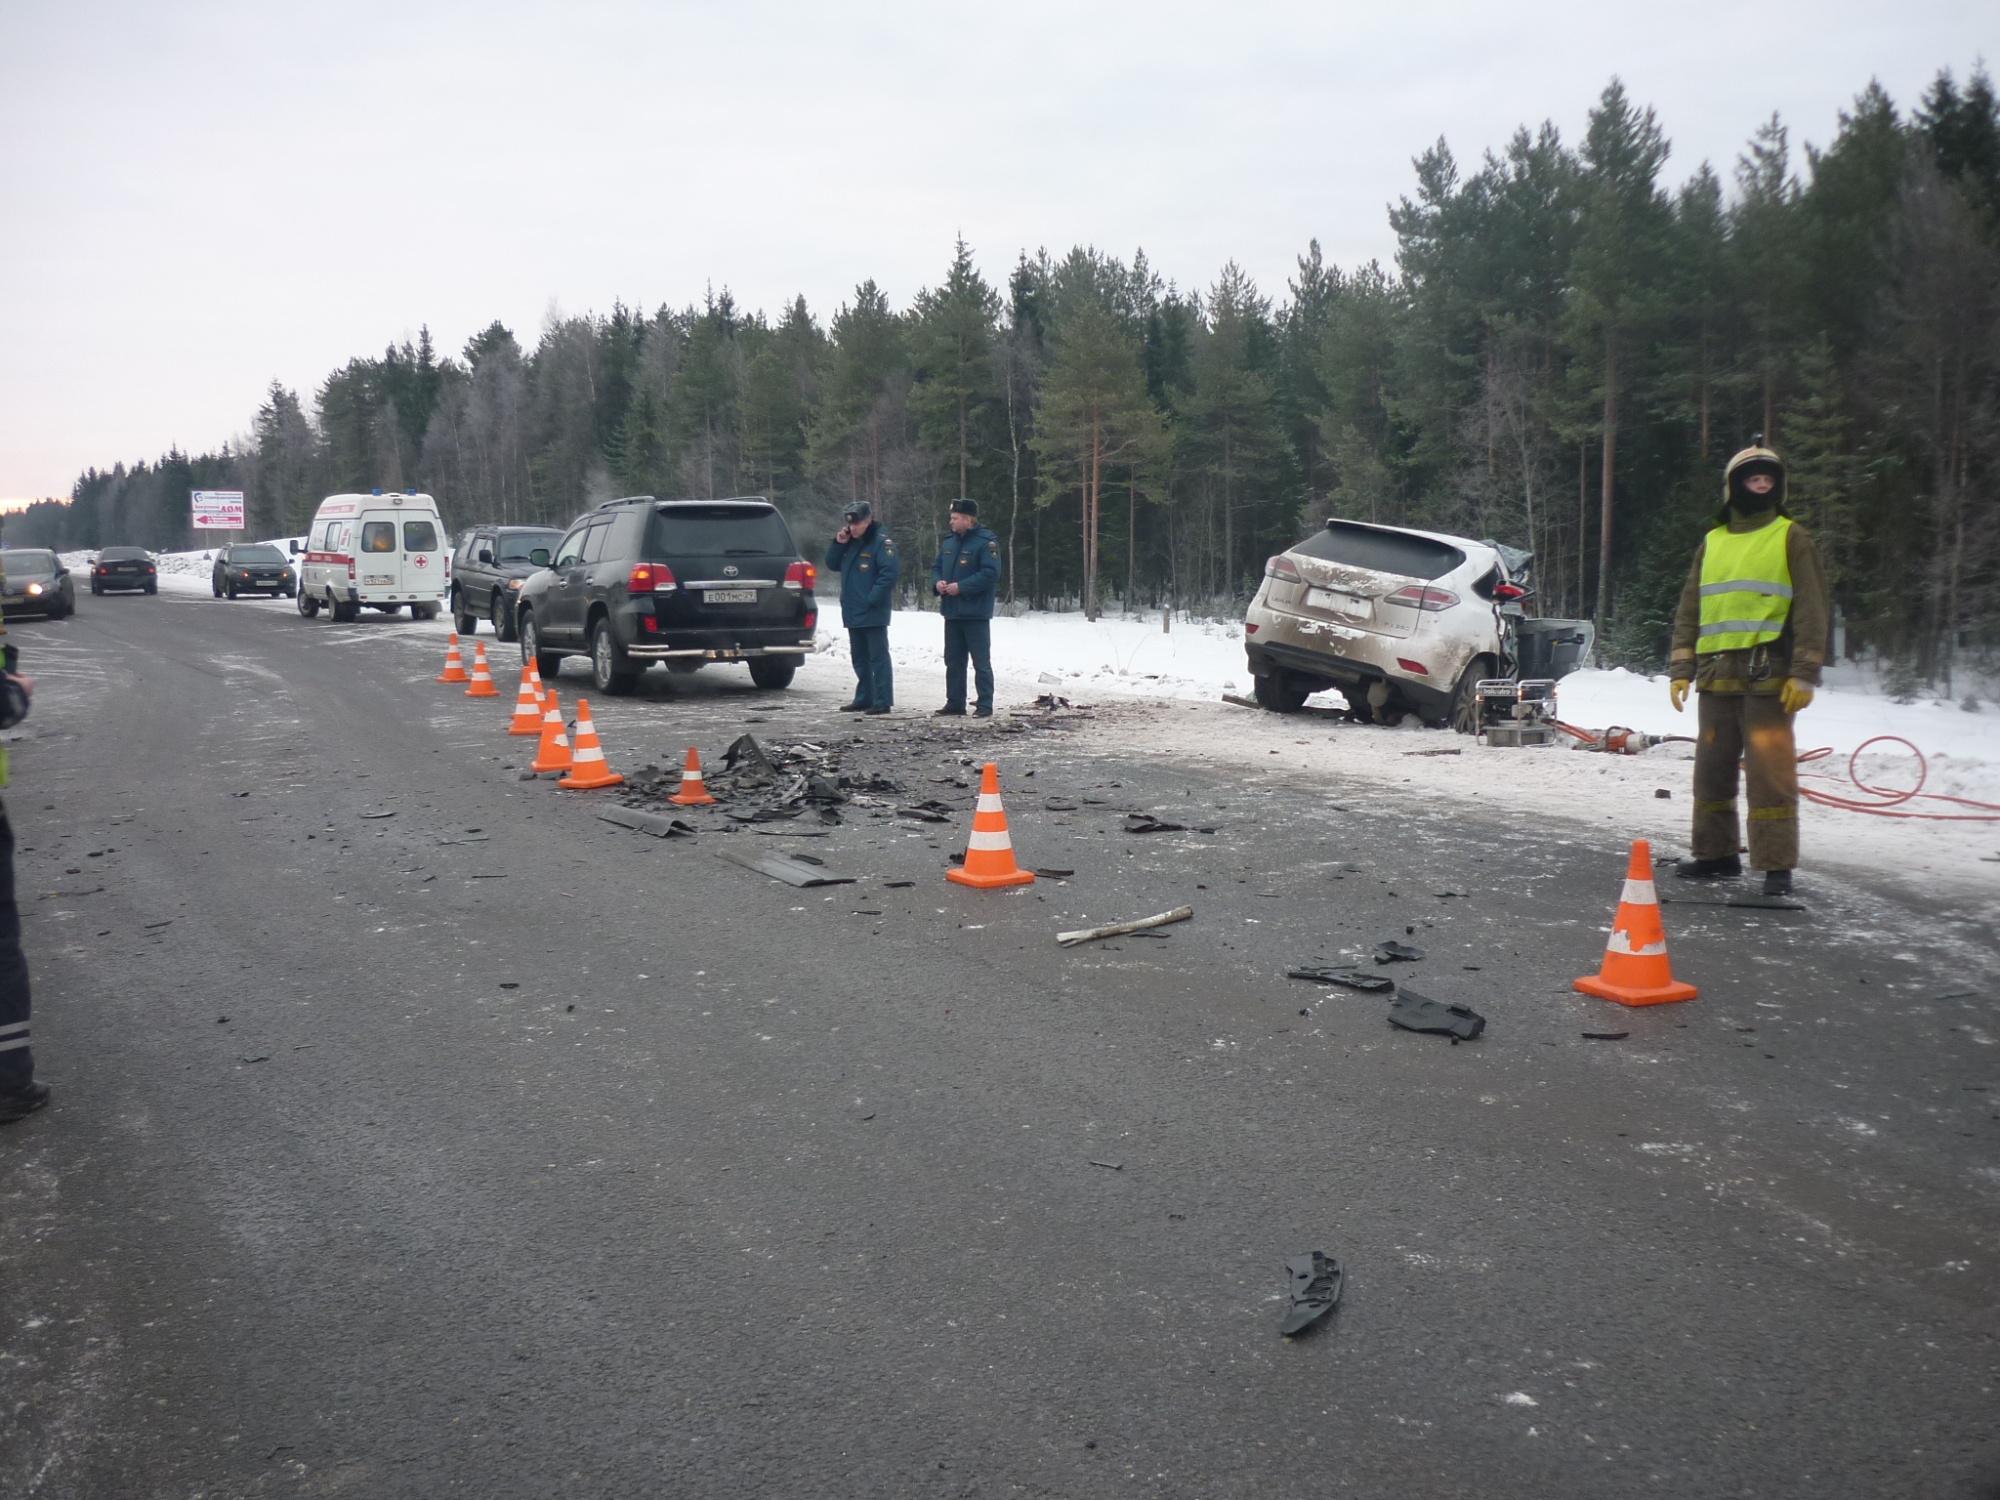 Пожарно-спасательные подразделения приняли участие в ликвидации последствий ДТП в Котласском районе Архангельской области.